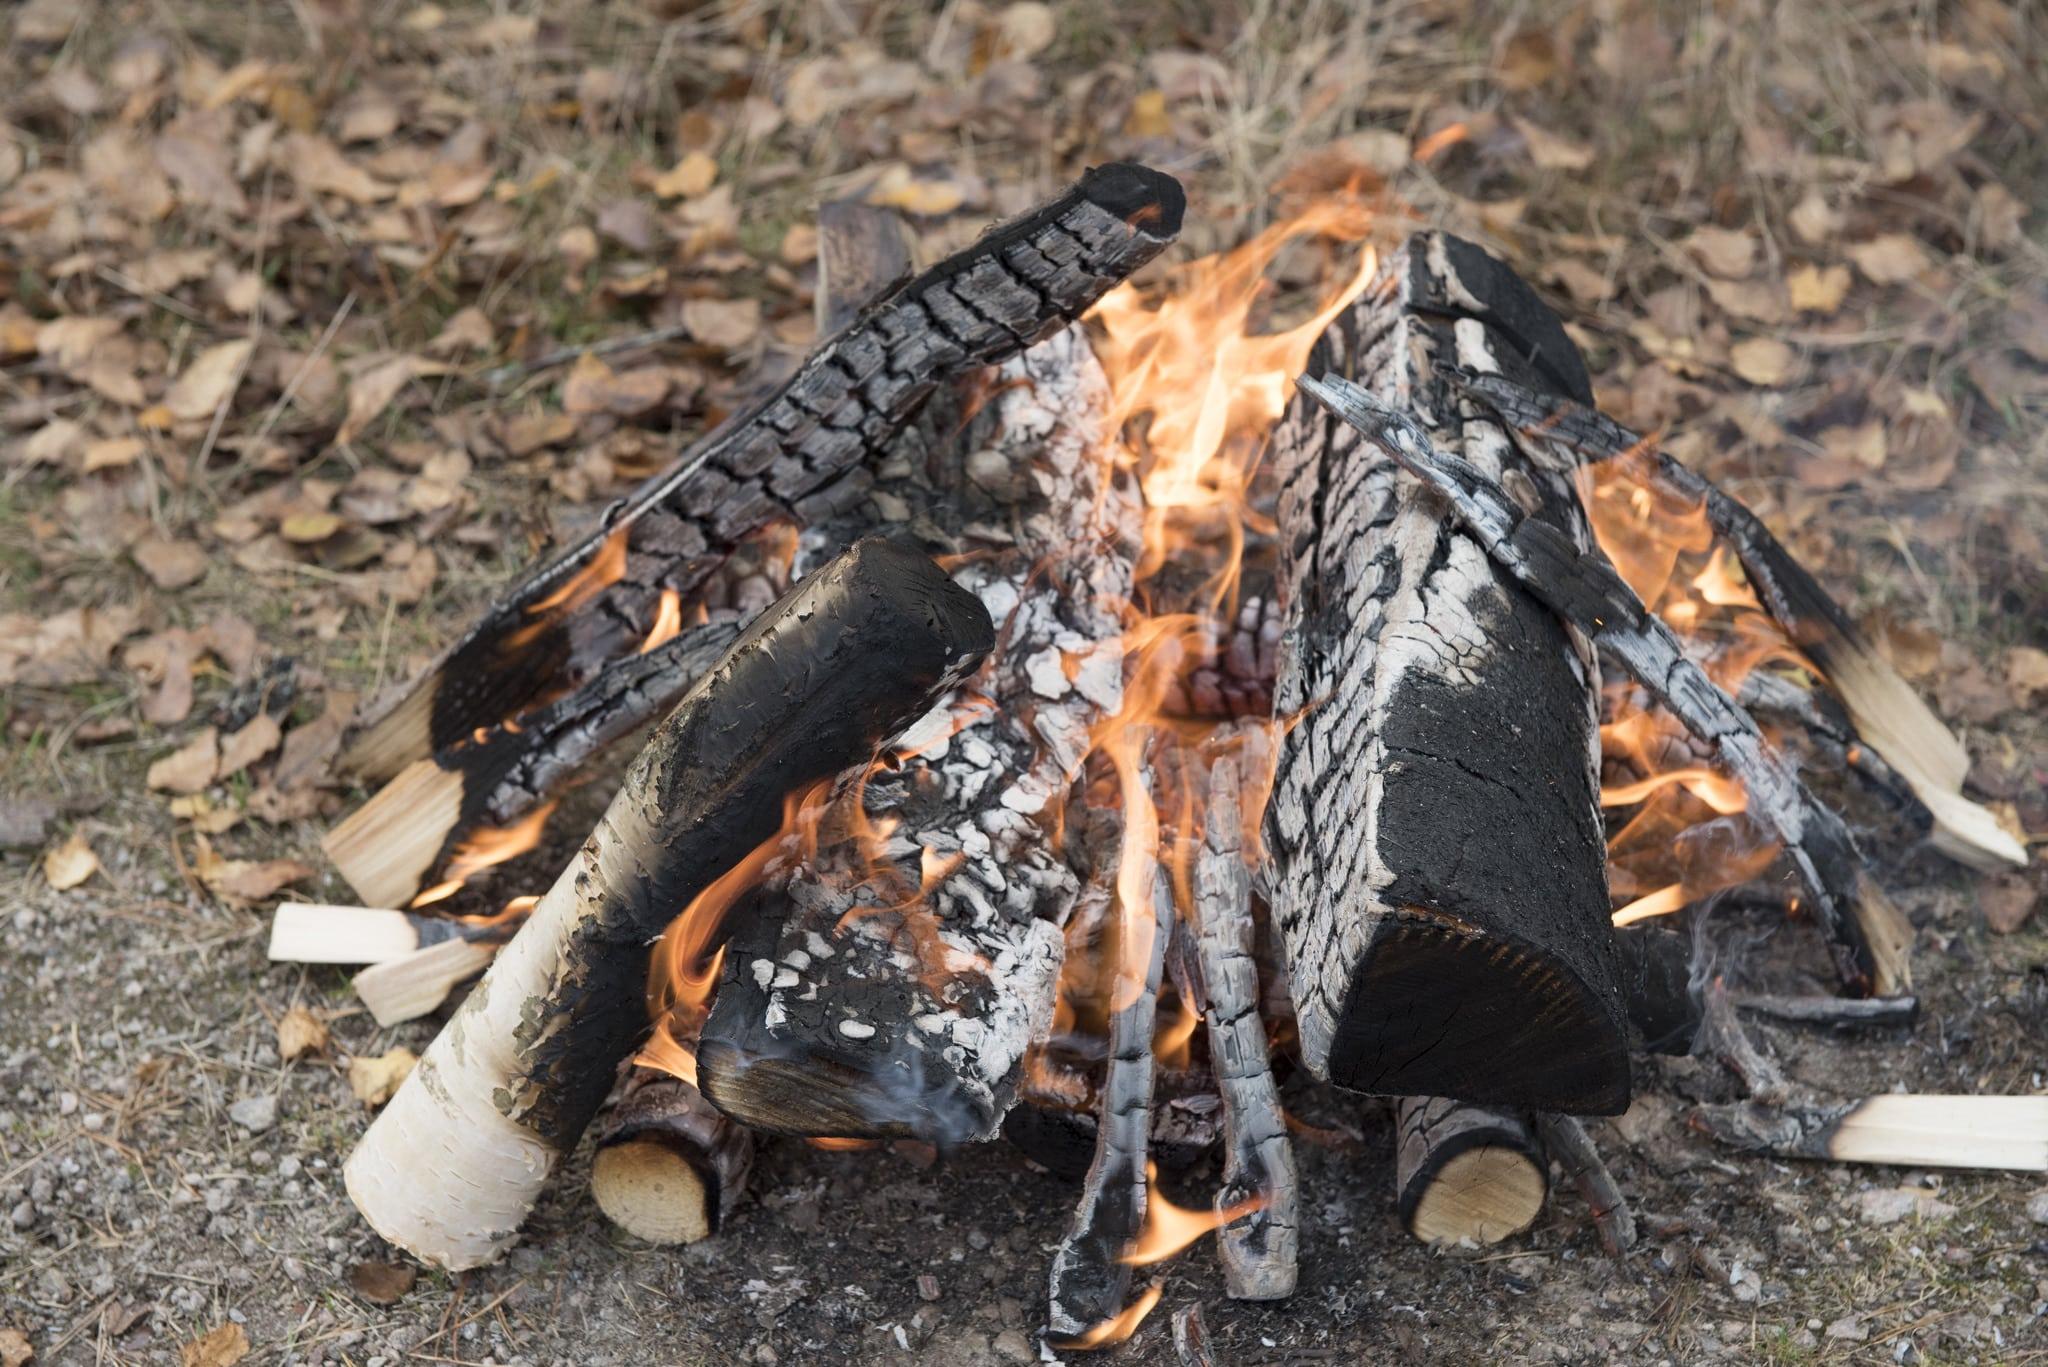 Med hjälp av eld ska kritiken mot den förda rovdjurspolitiken uppmärksammas. Foto: Jan Henricson